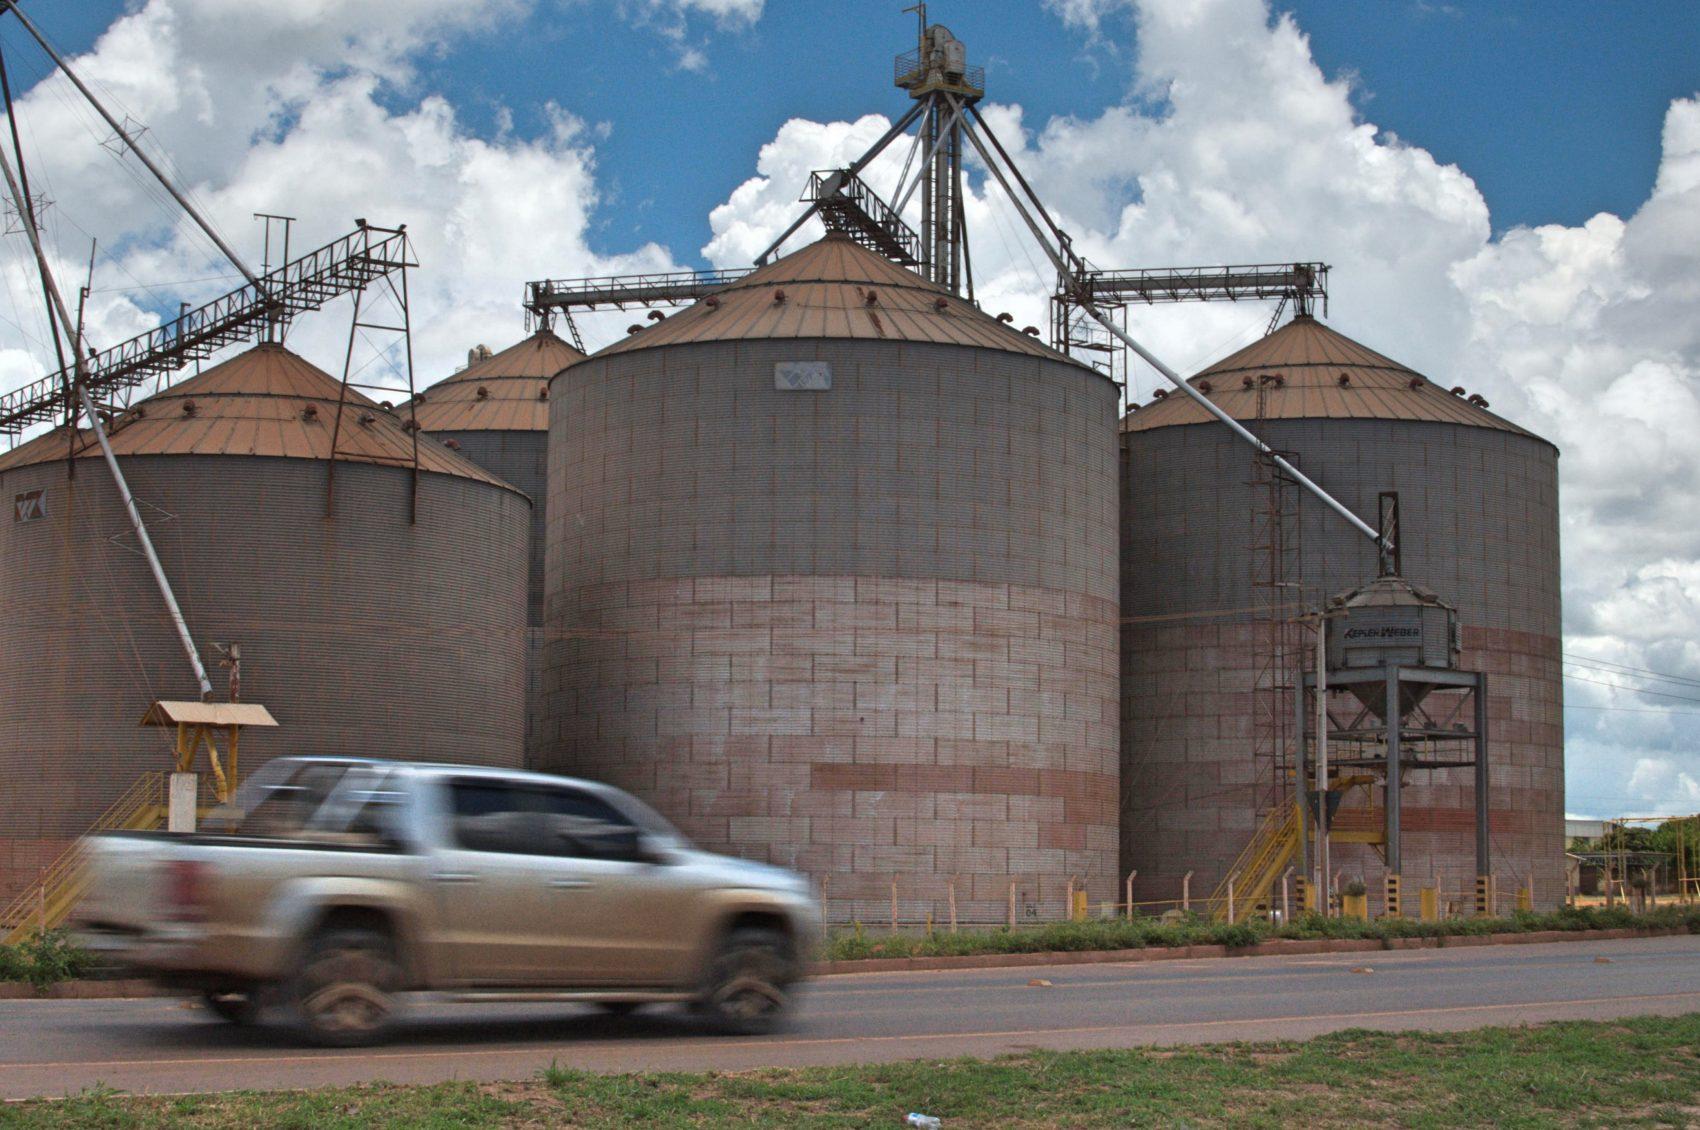 Reino da soja: logo na entrada da cidade os silos da Cargil (Foto Flavia Milhorance)